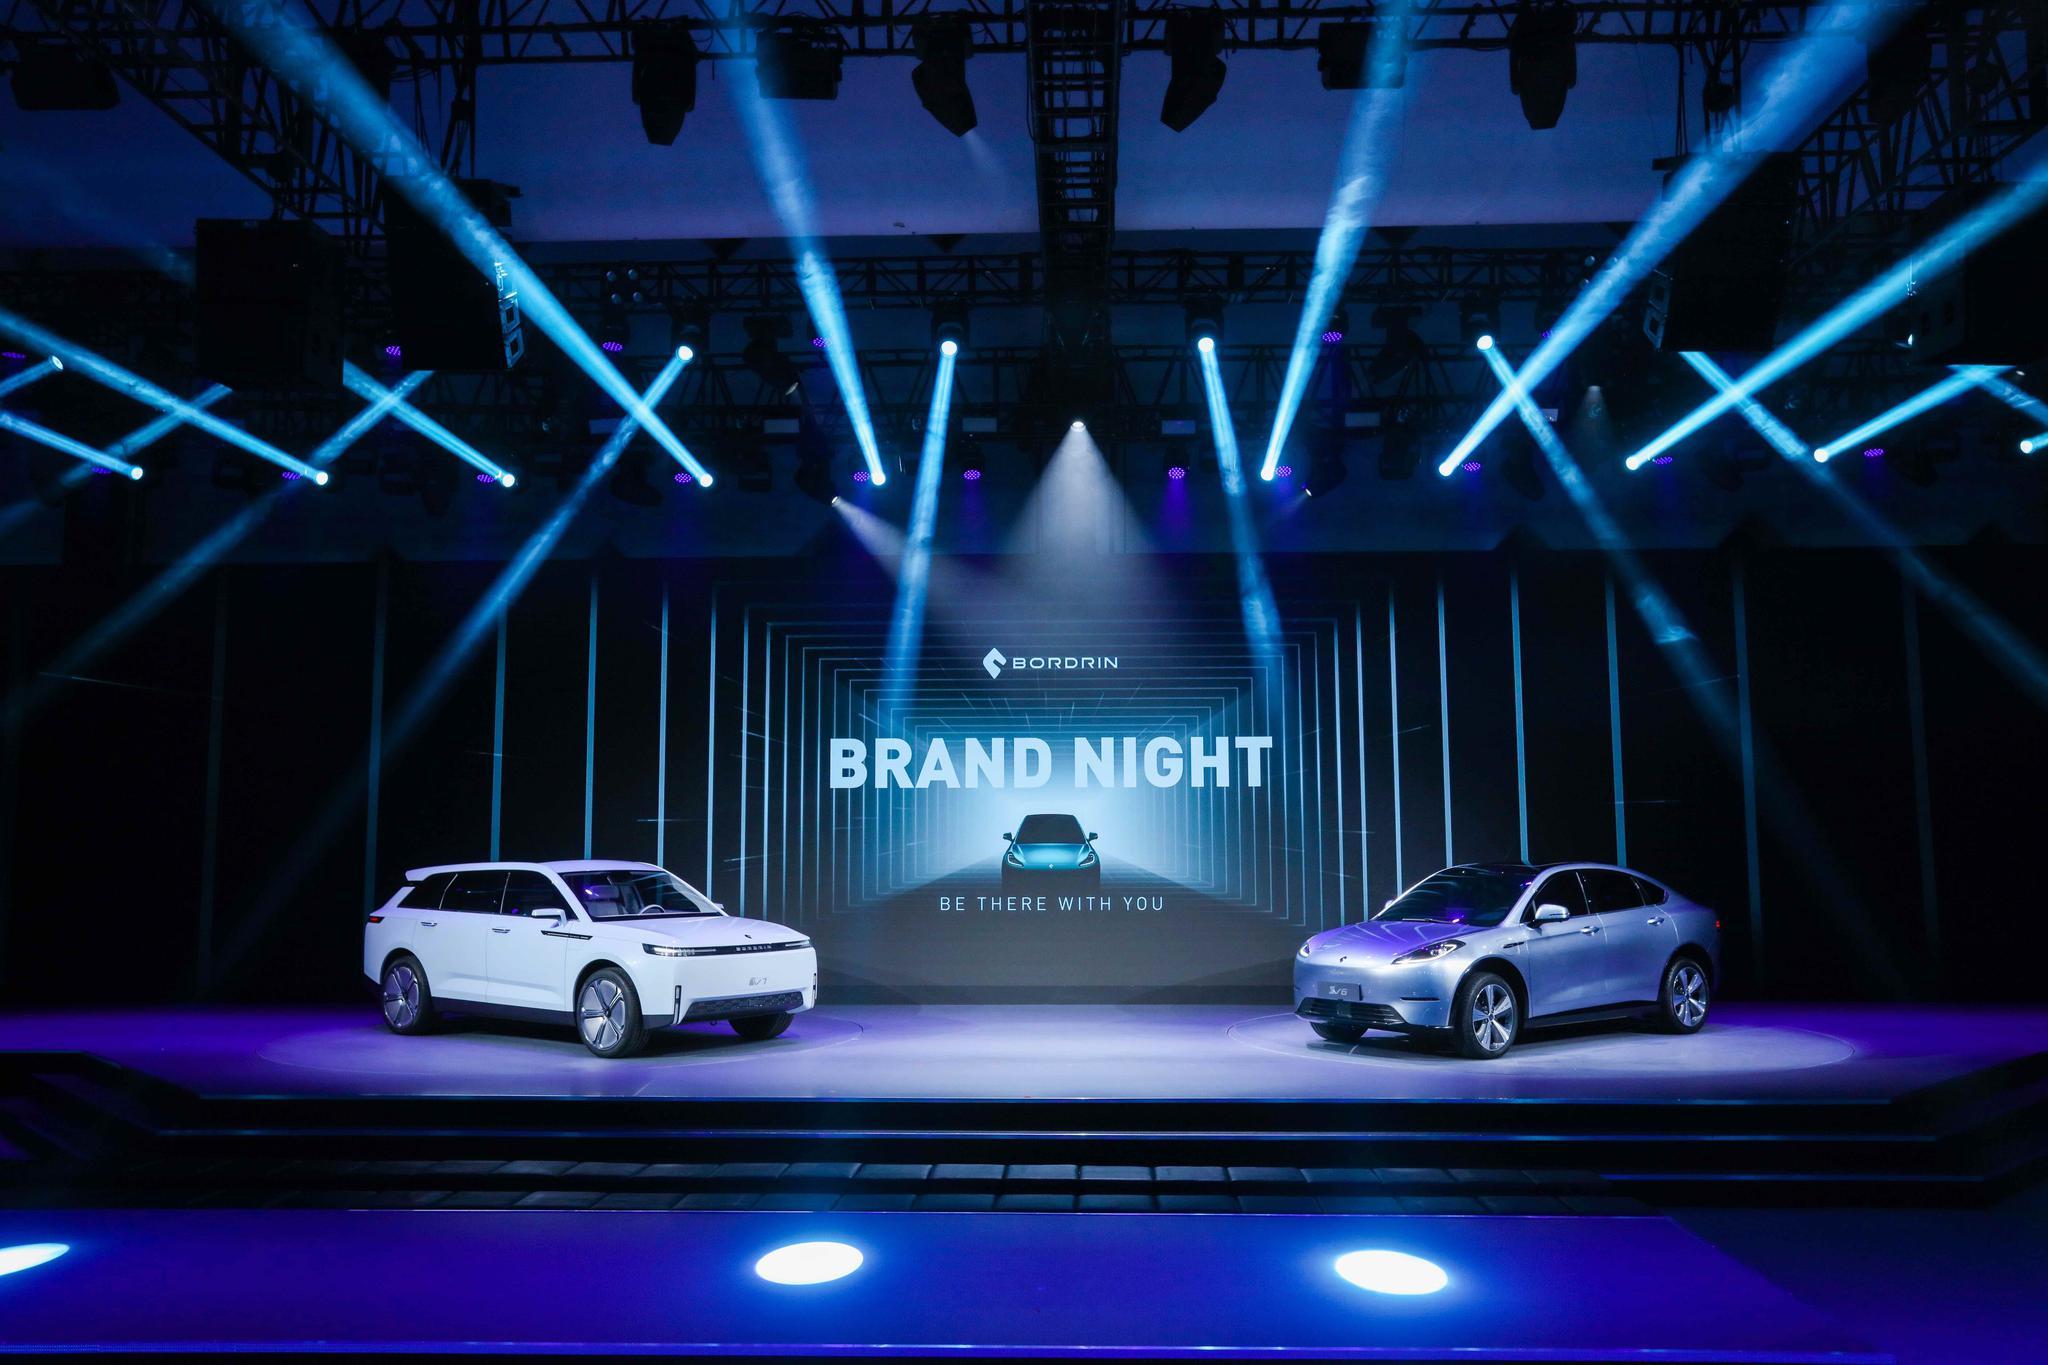 博郡汽车首款量产车型中高端智能电动跨界SUV博郡iV6和智能电动旗舰SUV博郡iV7全球首秀